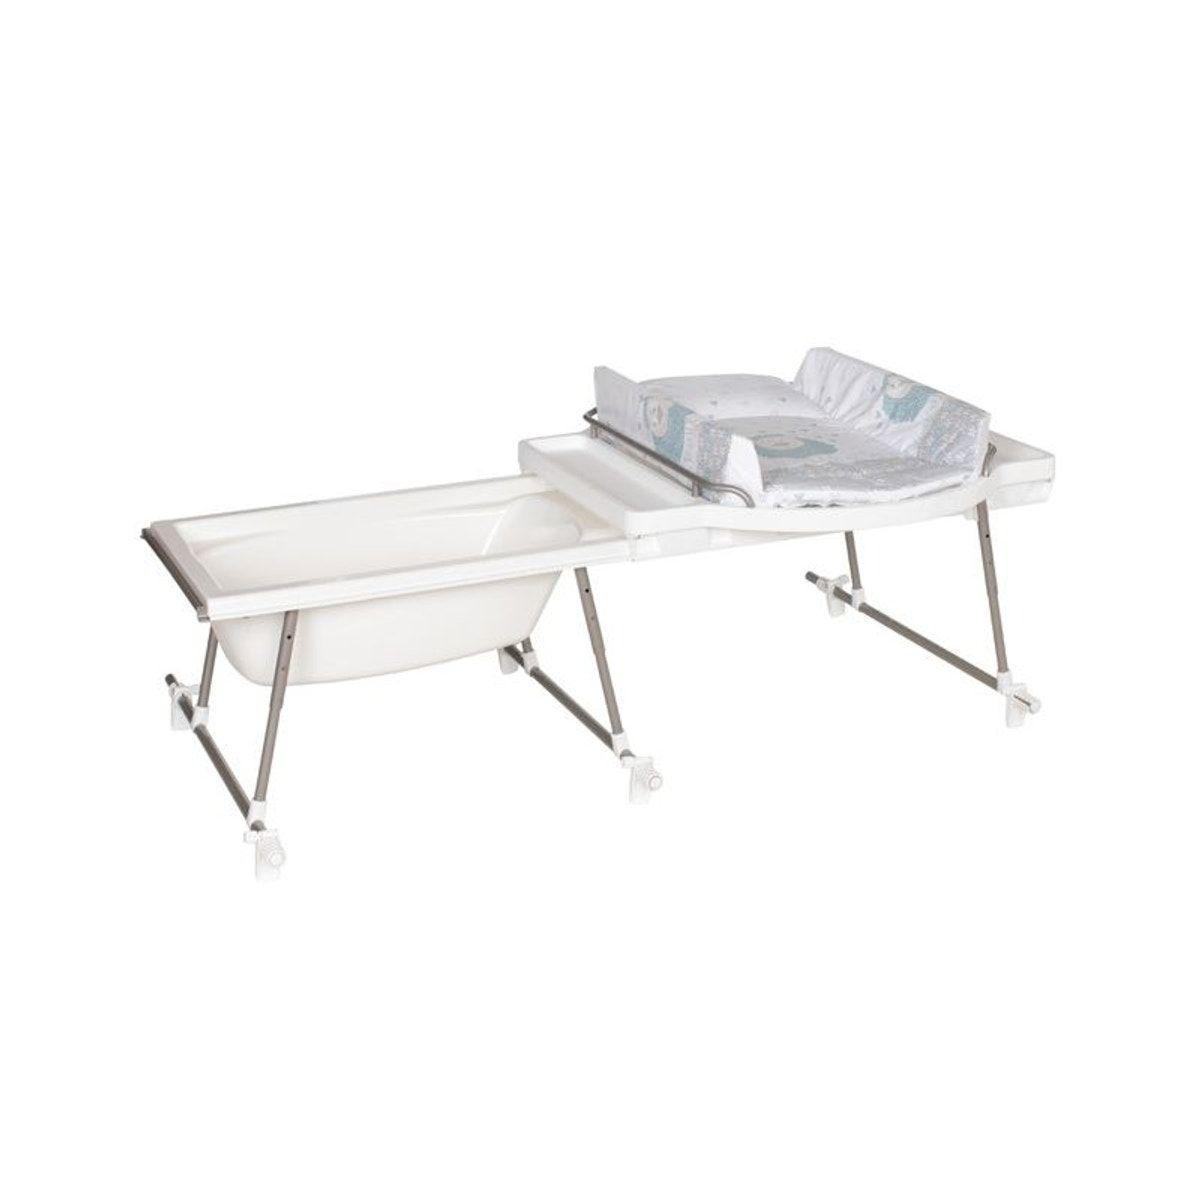 Combine Baignoire Et Table A Langer Aqualino Mouton Geuther